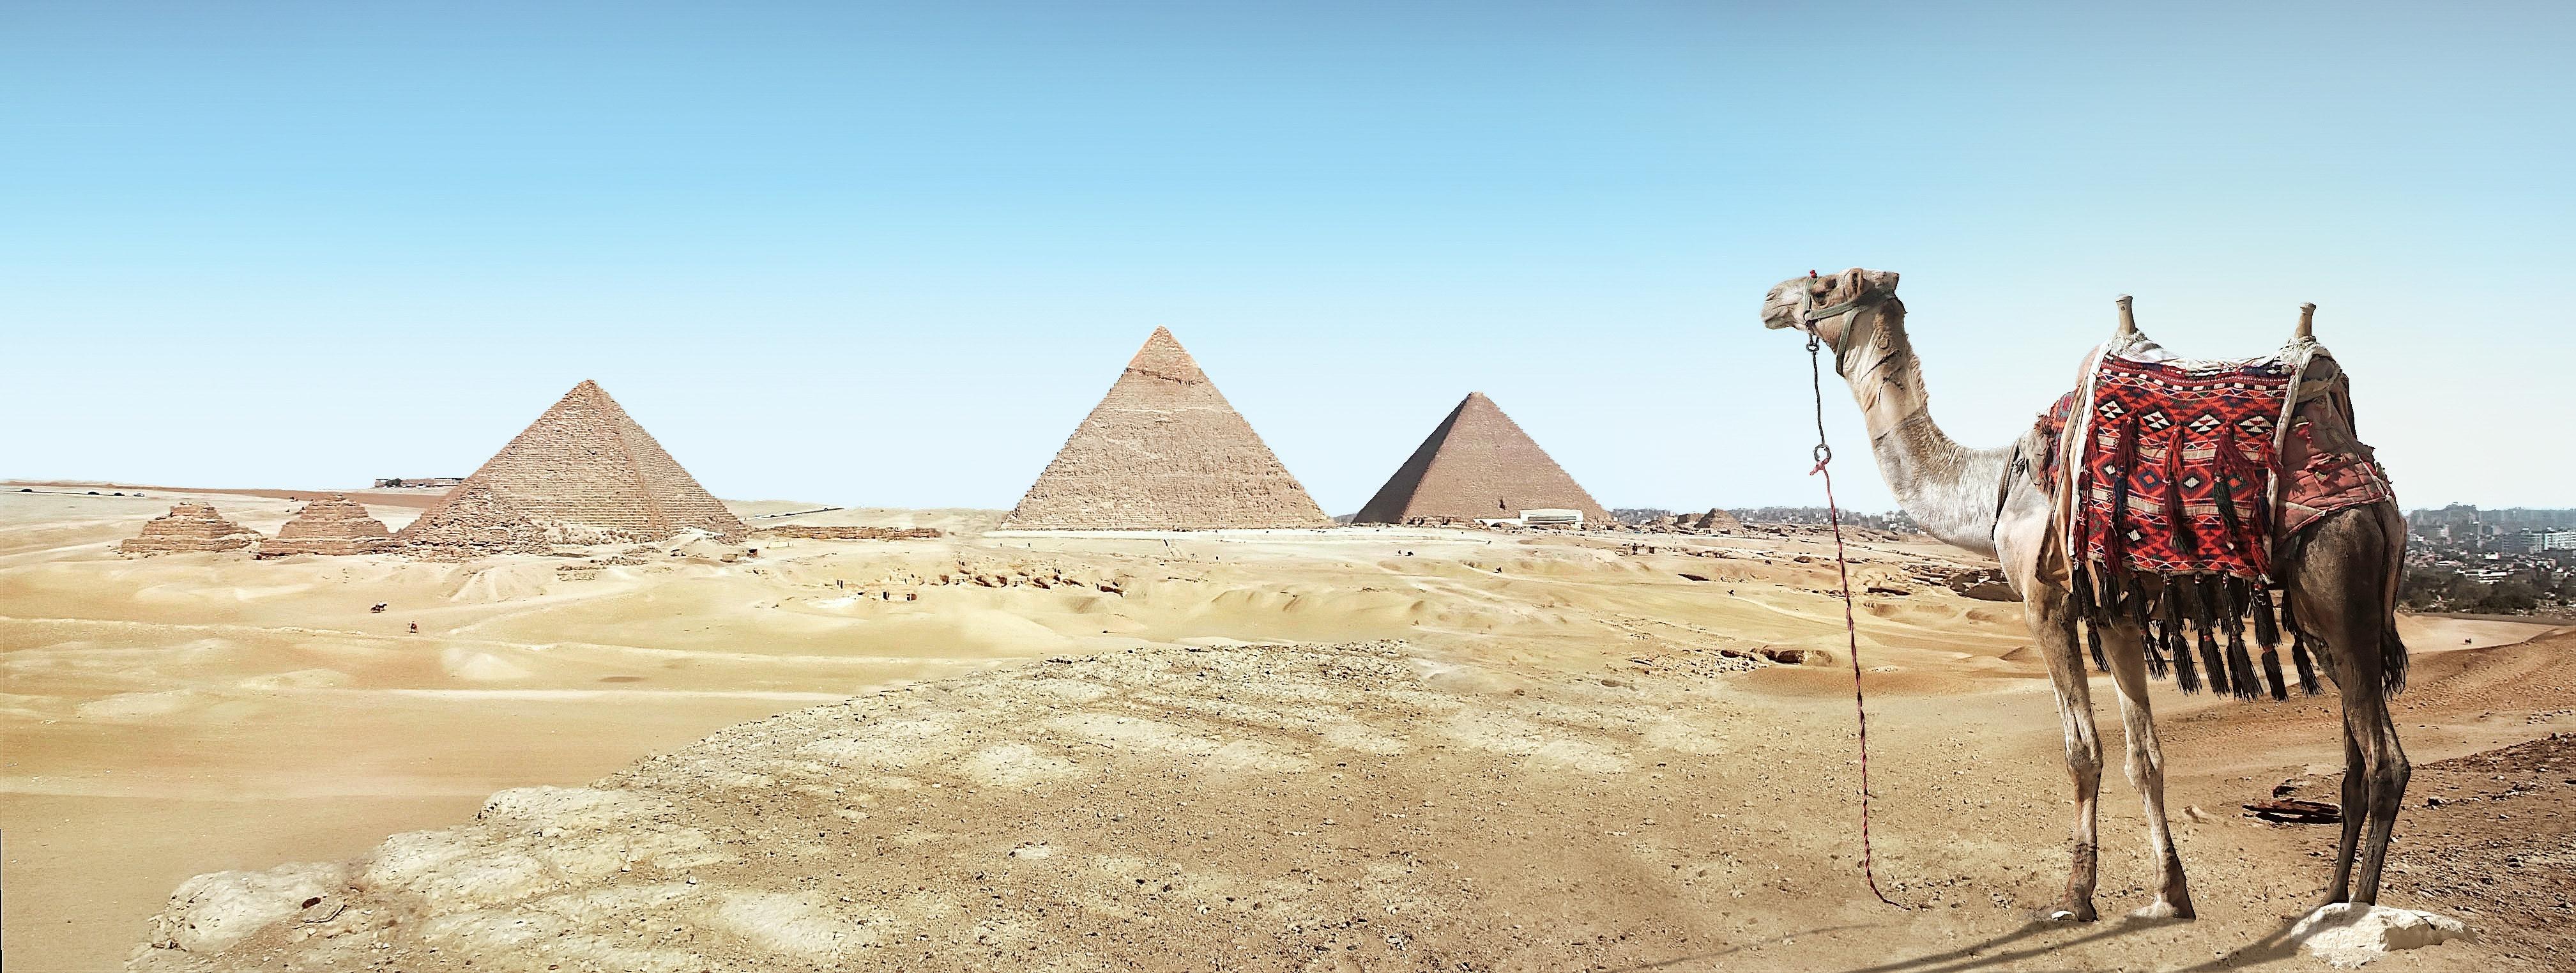 Brown Camel, Ancient, Pyramids, Tourist spot, Tourism, HQ Photo